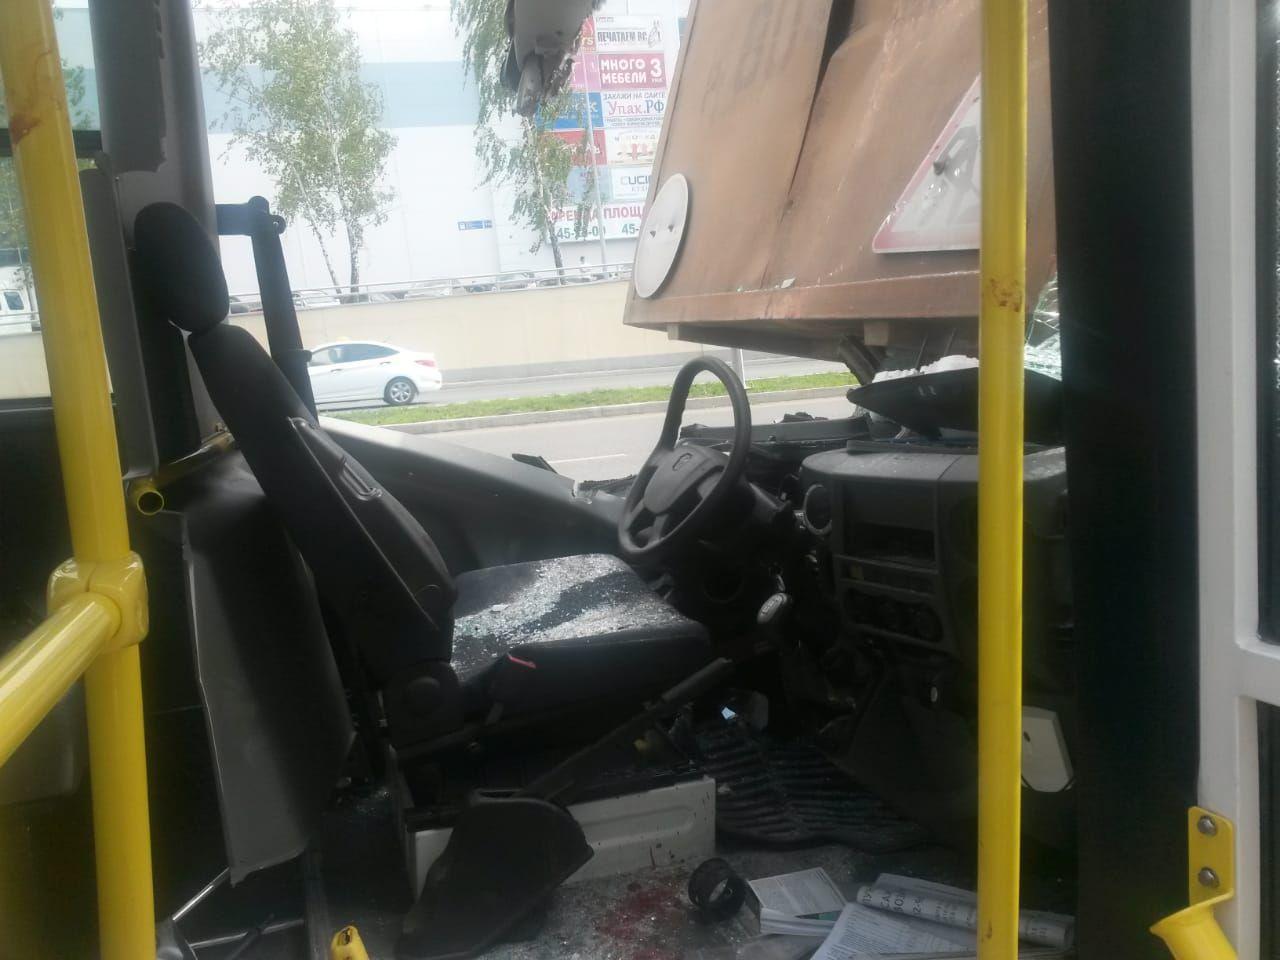 Шесть человек пострадали при столкновении «Газели» с «КАМАЗом» в Челнах (ФОТО)